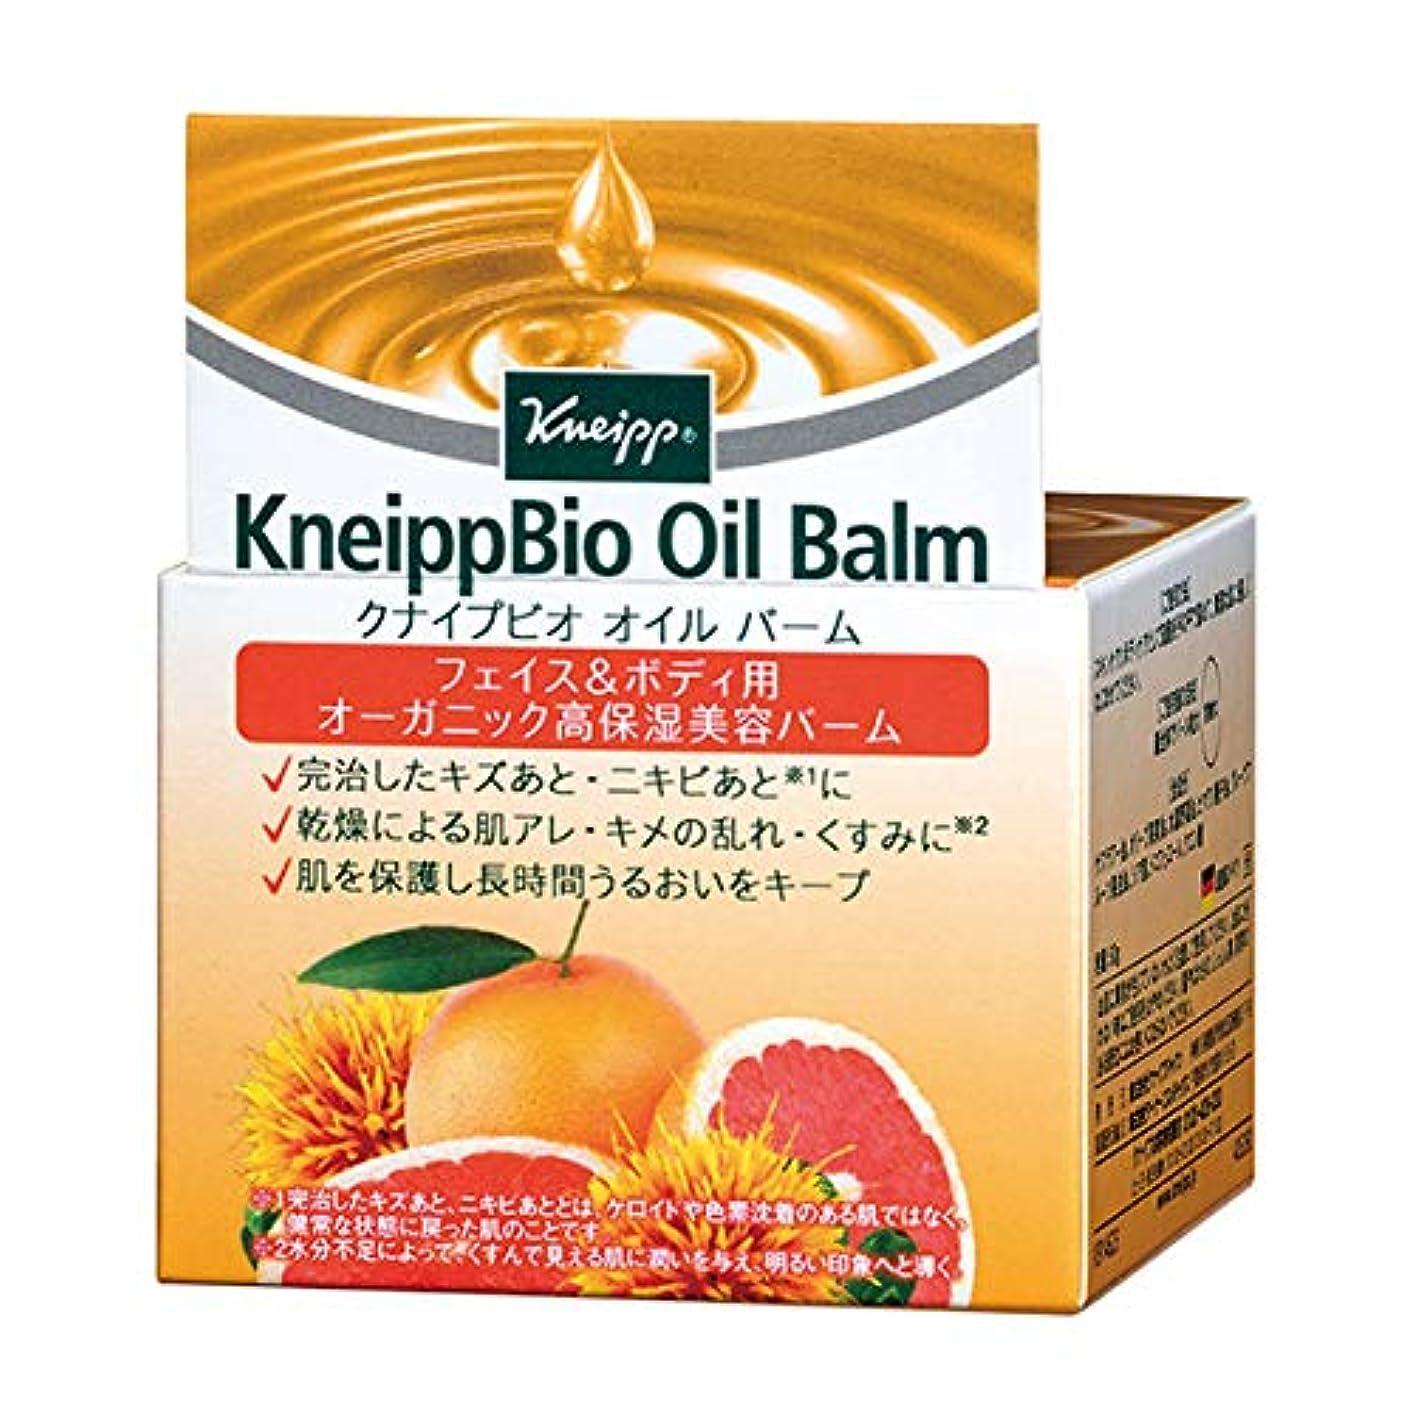 極端な漏斗マキシムクナイプ(Kneipp) クナイプビオ オイル バーム 50g 美容液